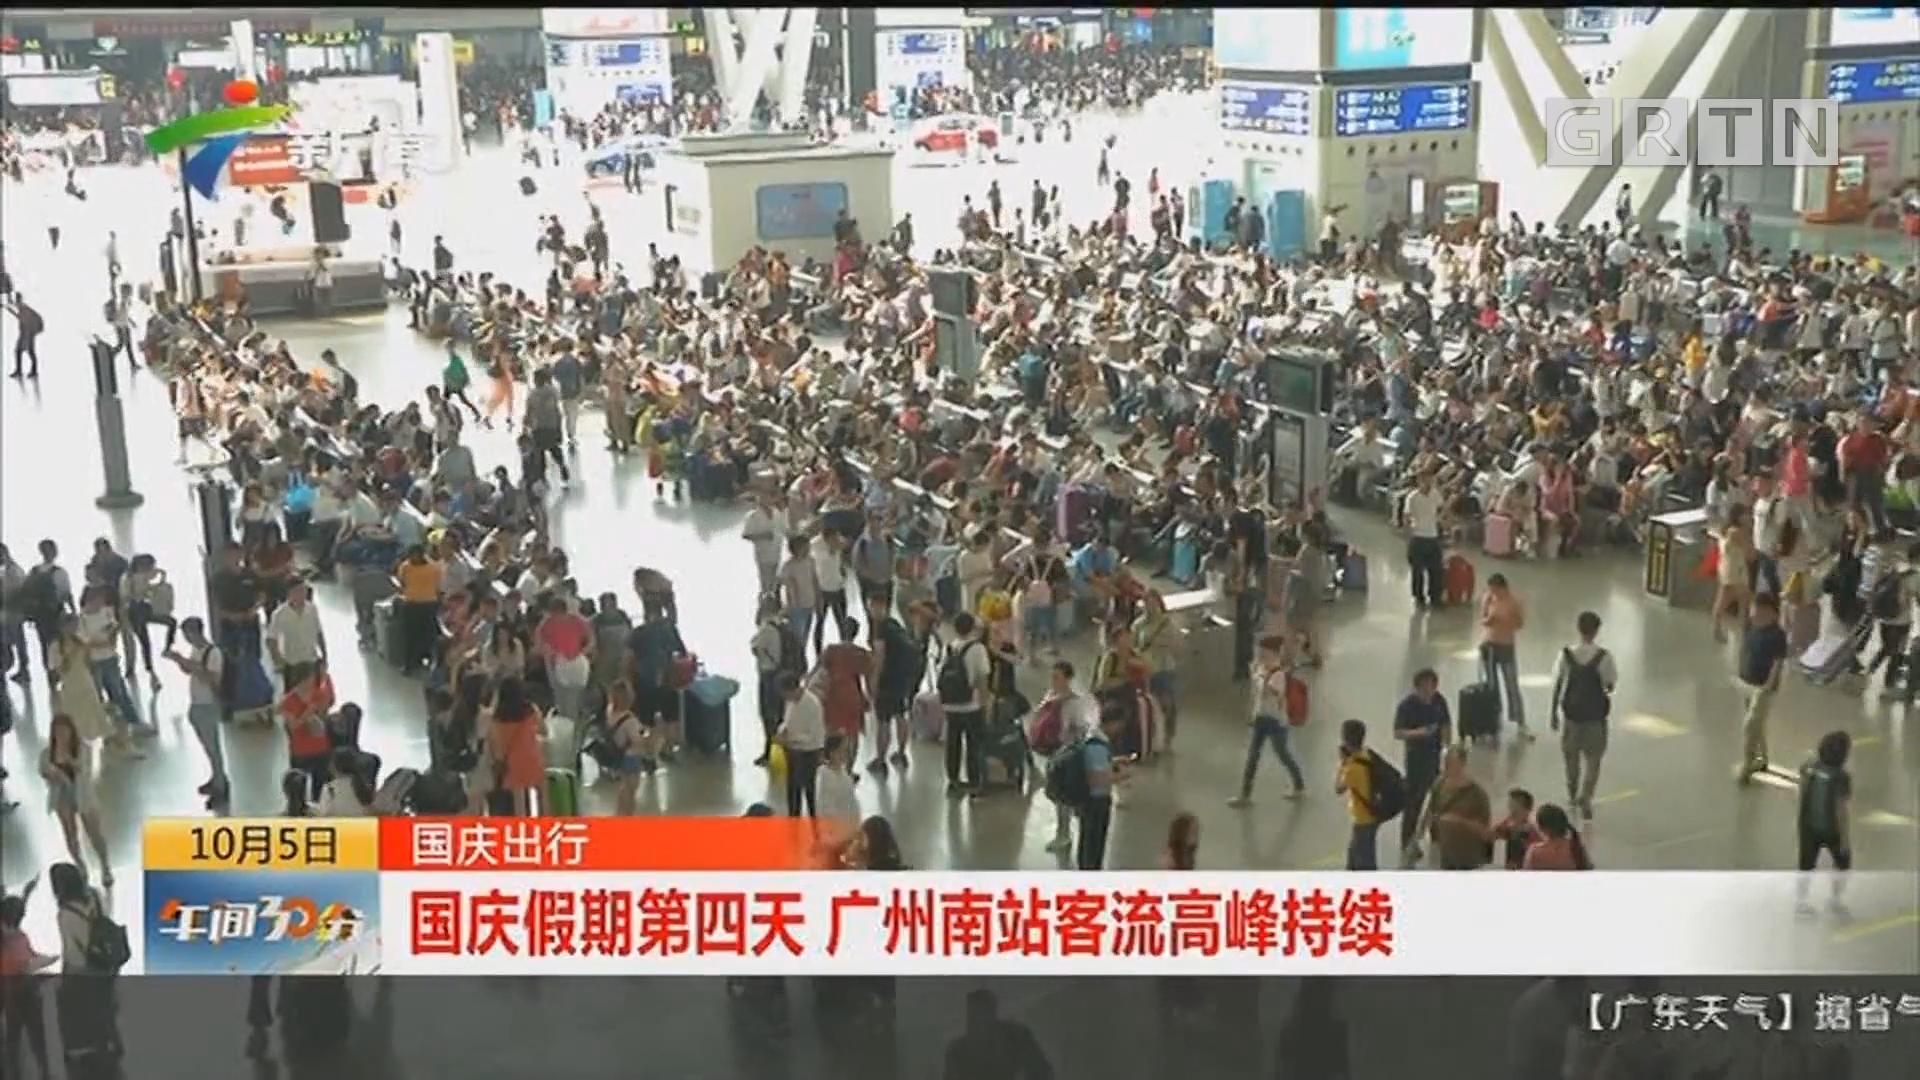 国庆出行:国庆假期第四天 广州南站客流高峰持续